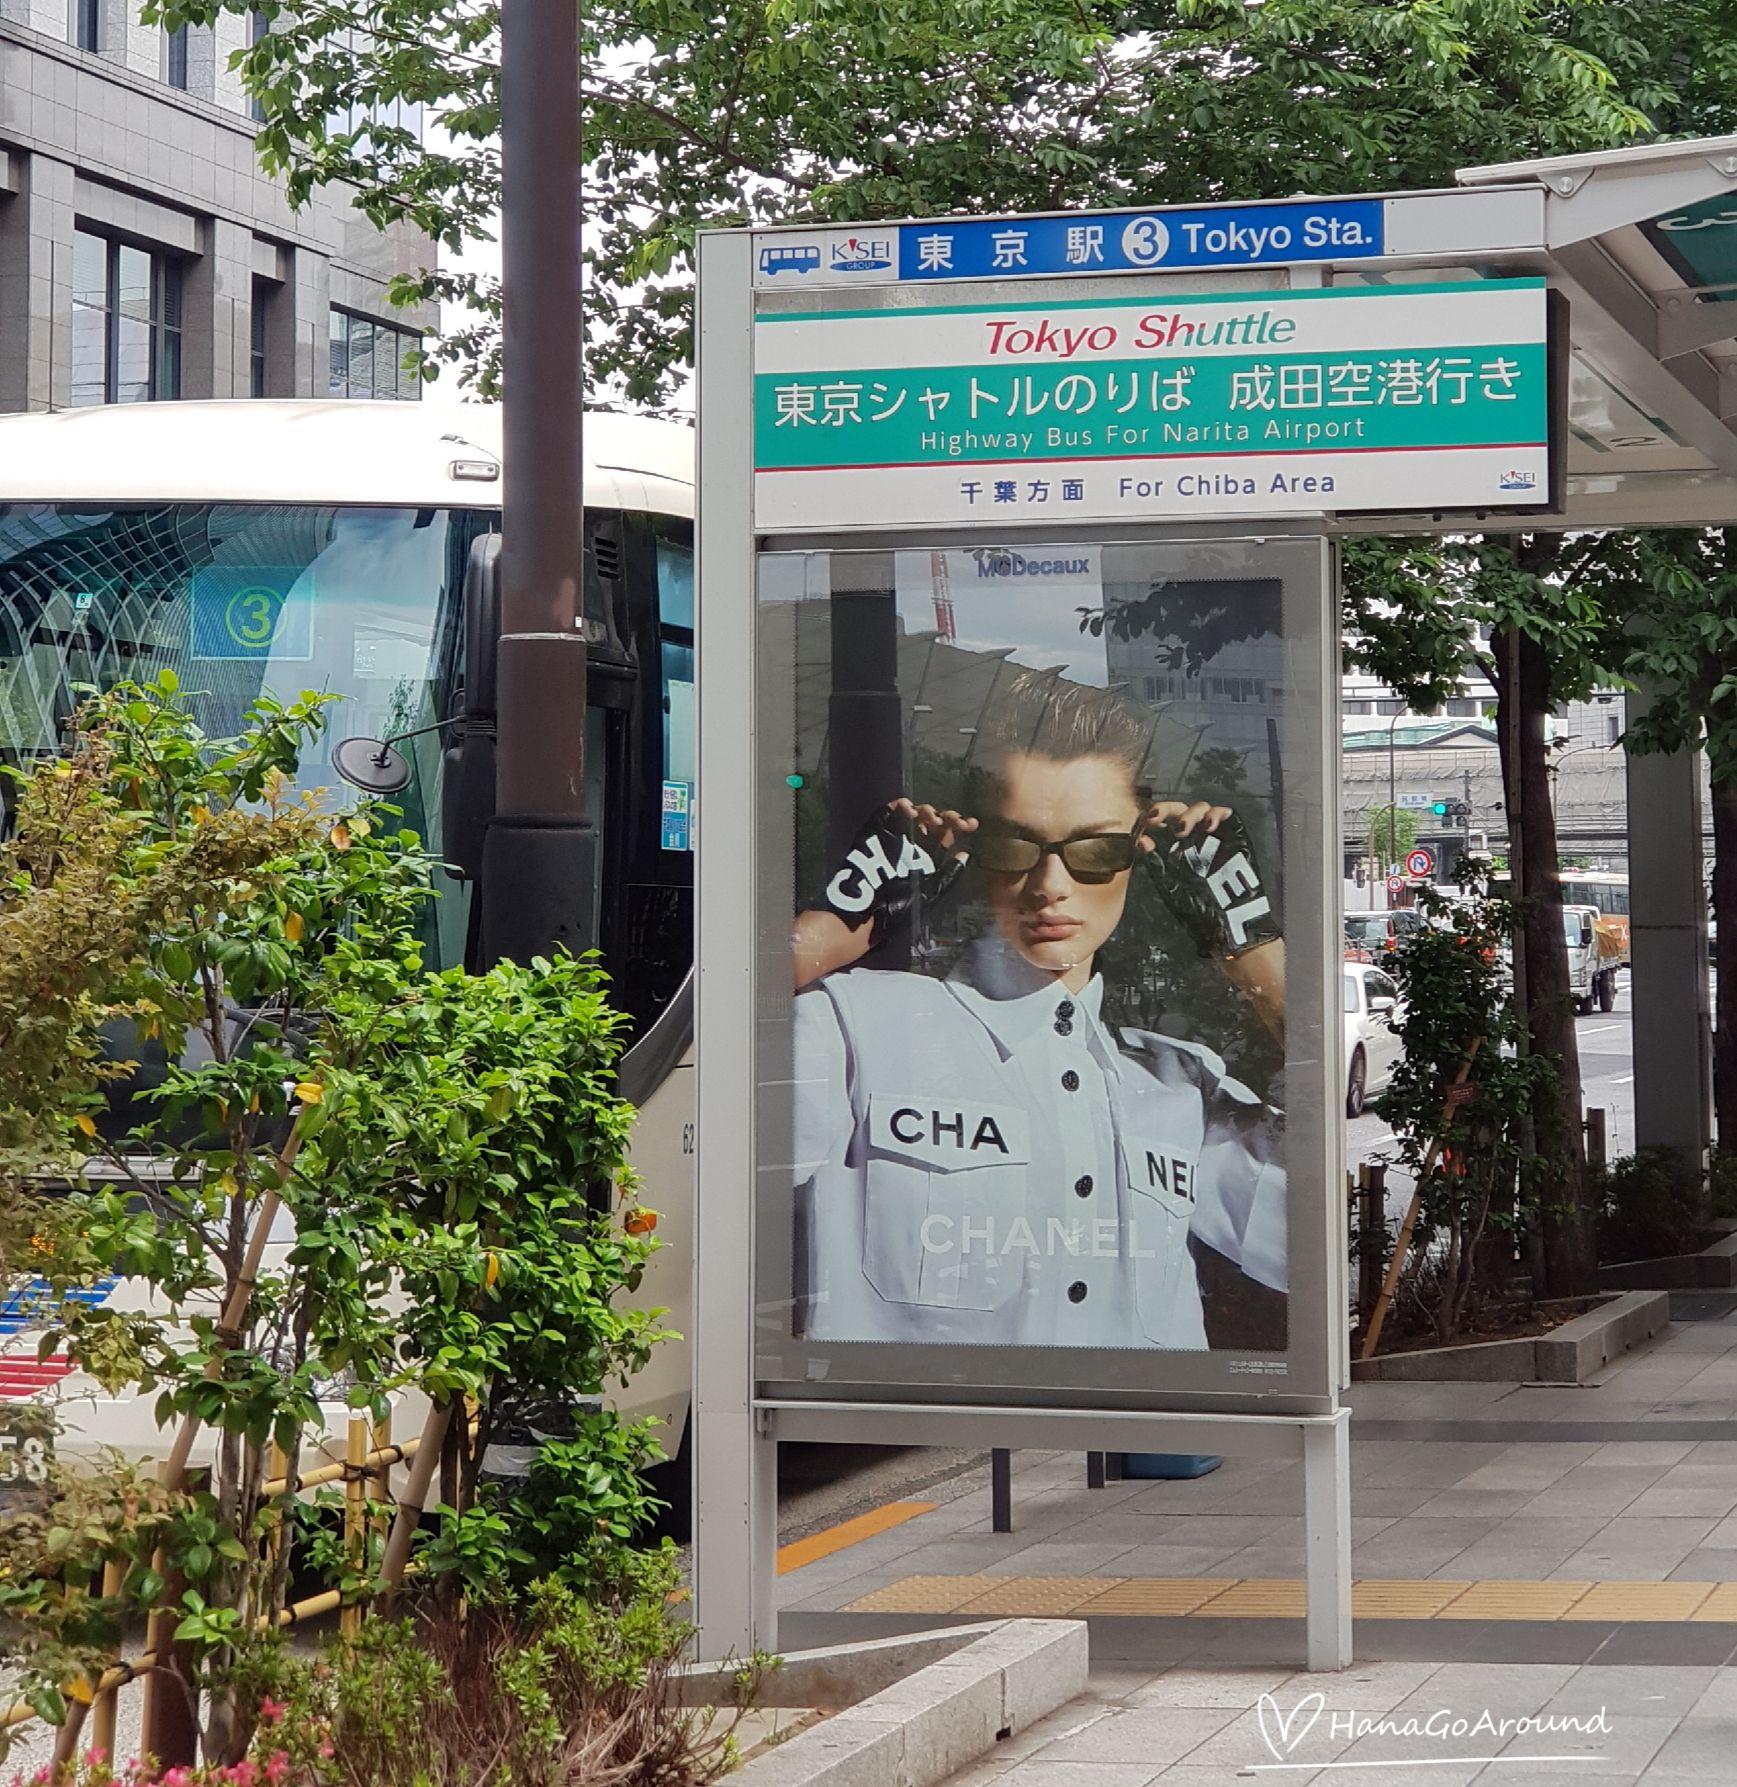 จุดจอดรถ Shuttle Bus ของโรงแรม บริเวณ Keisei Bus Stop 3